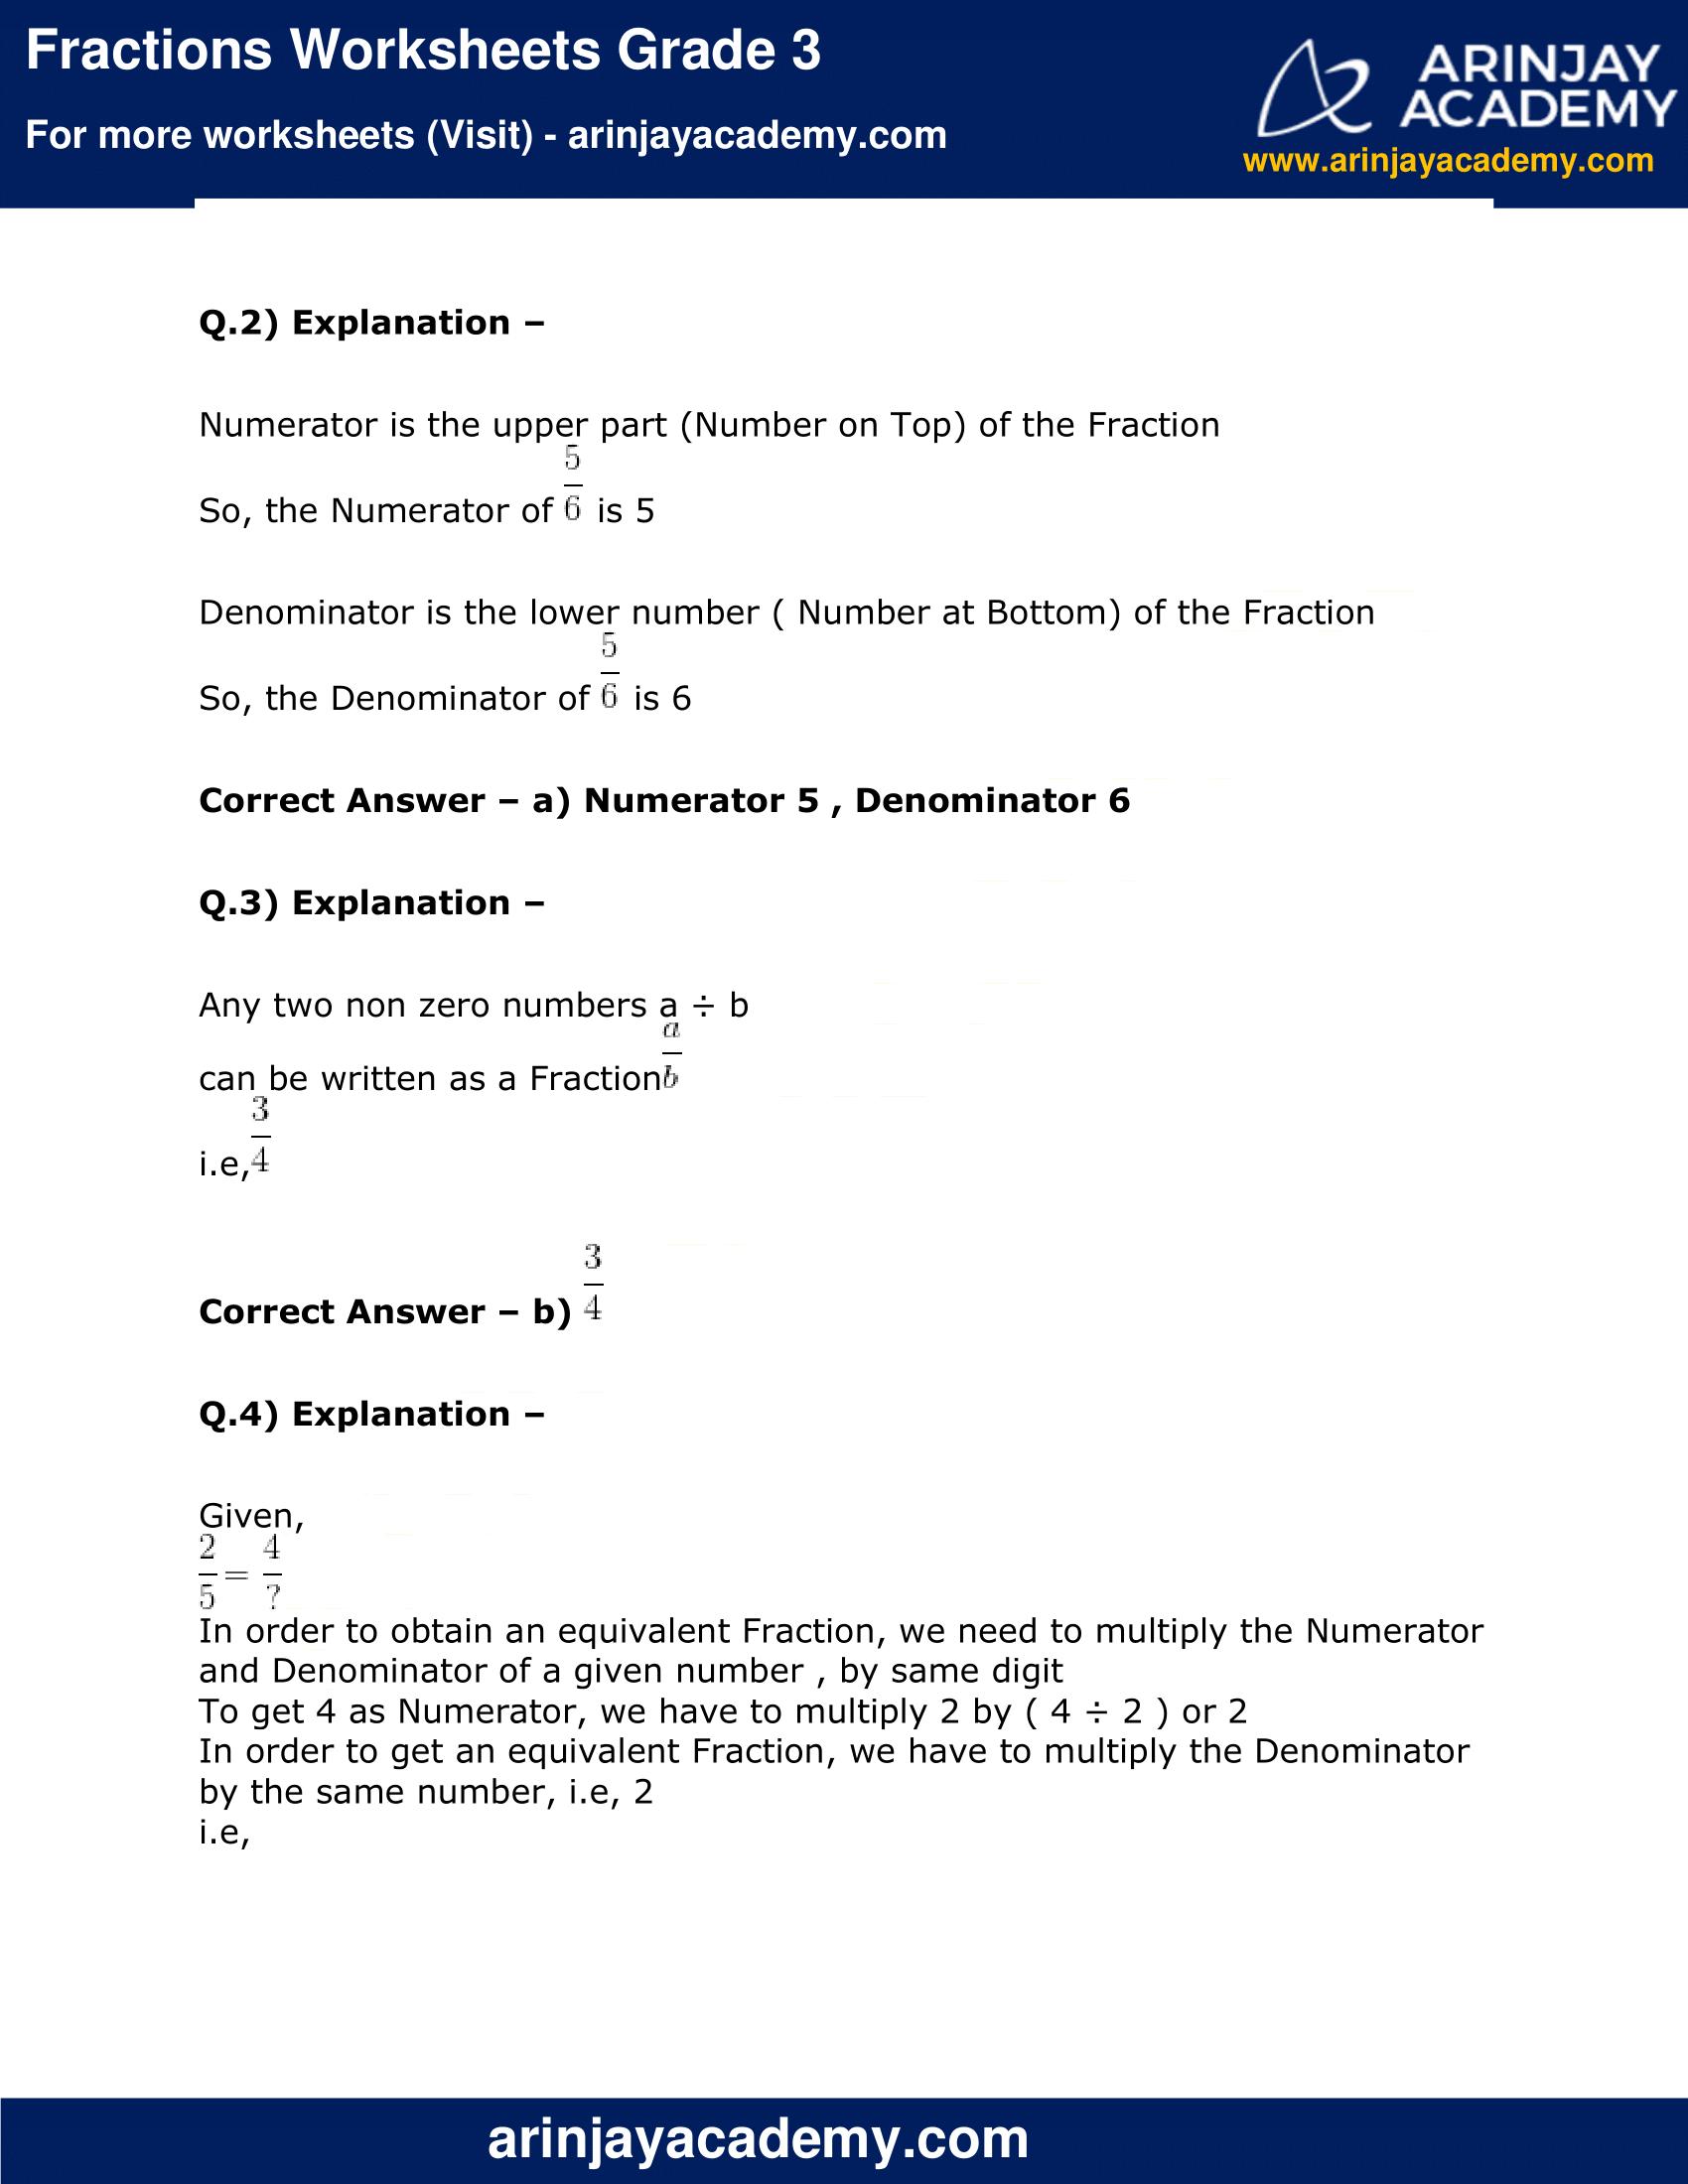 Fractions Worksheets Grade 3 image 4